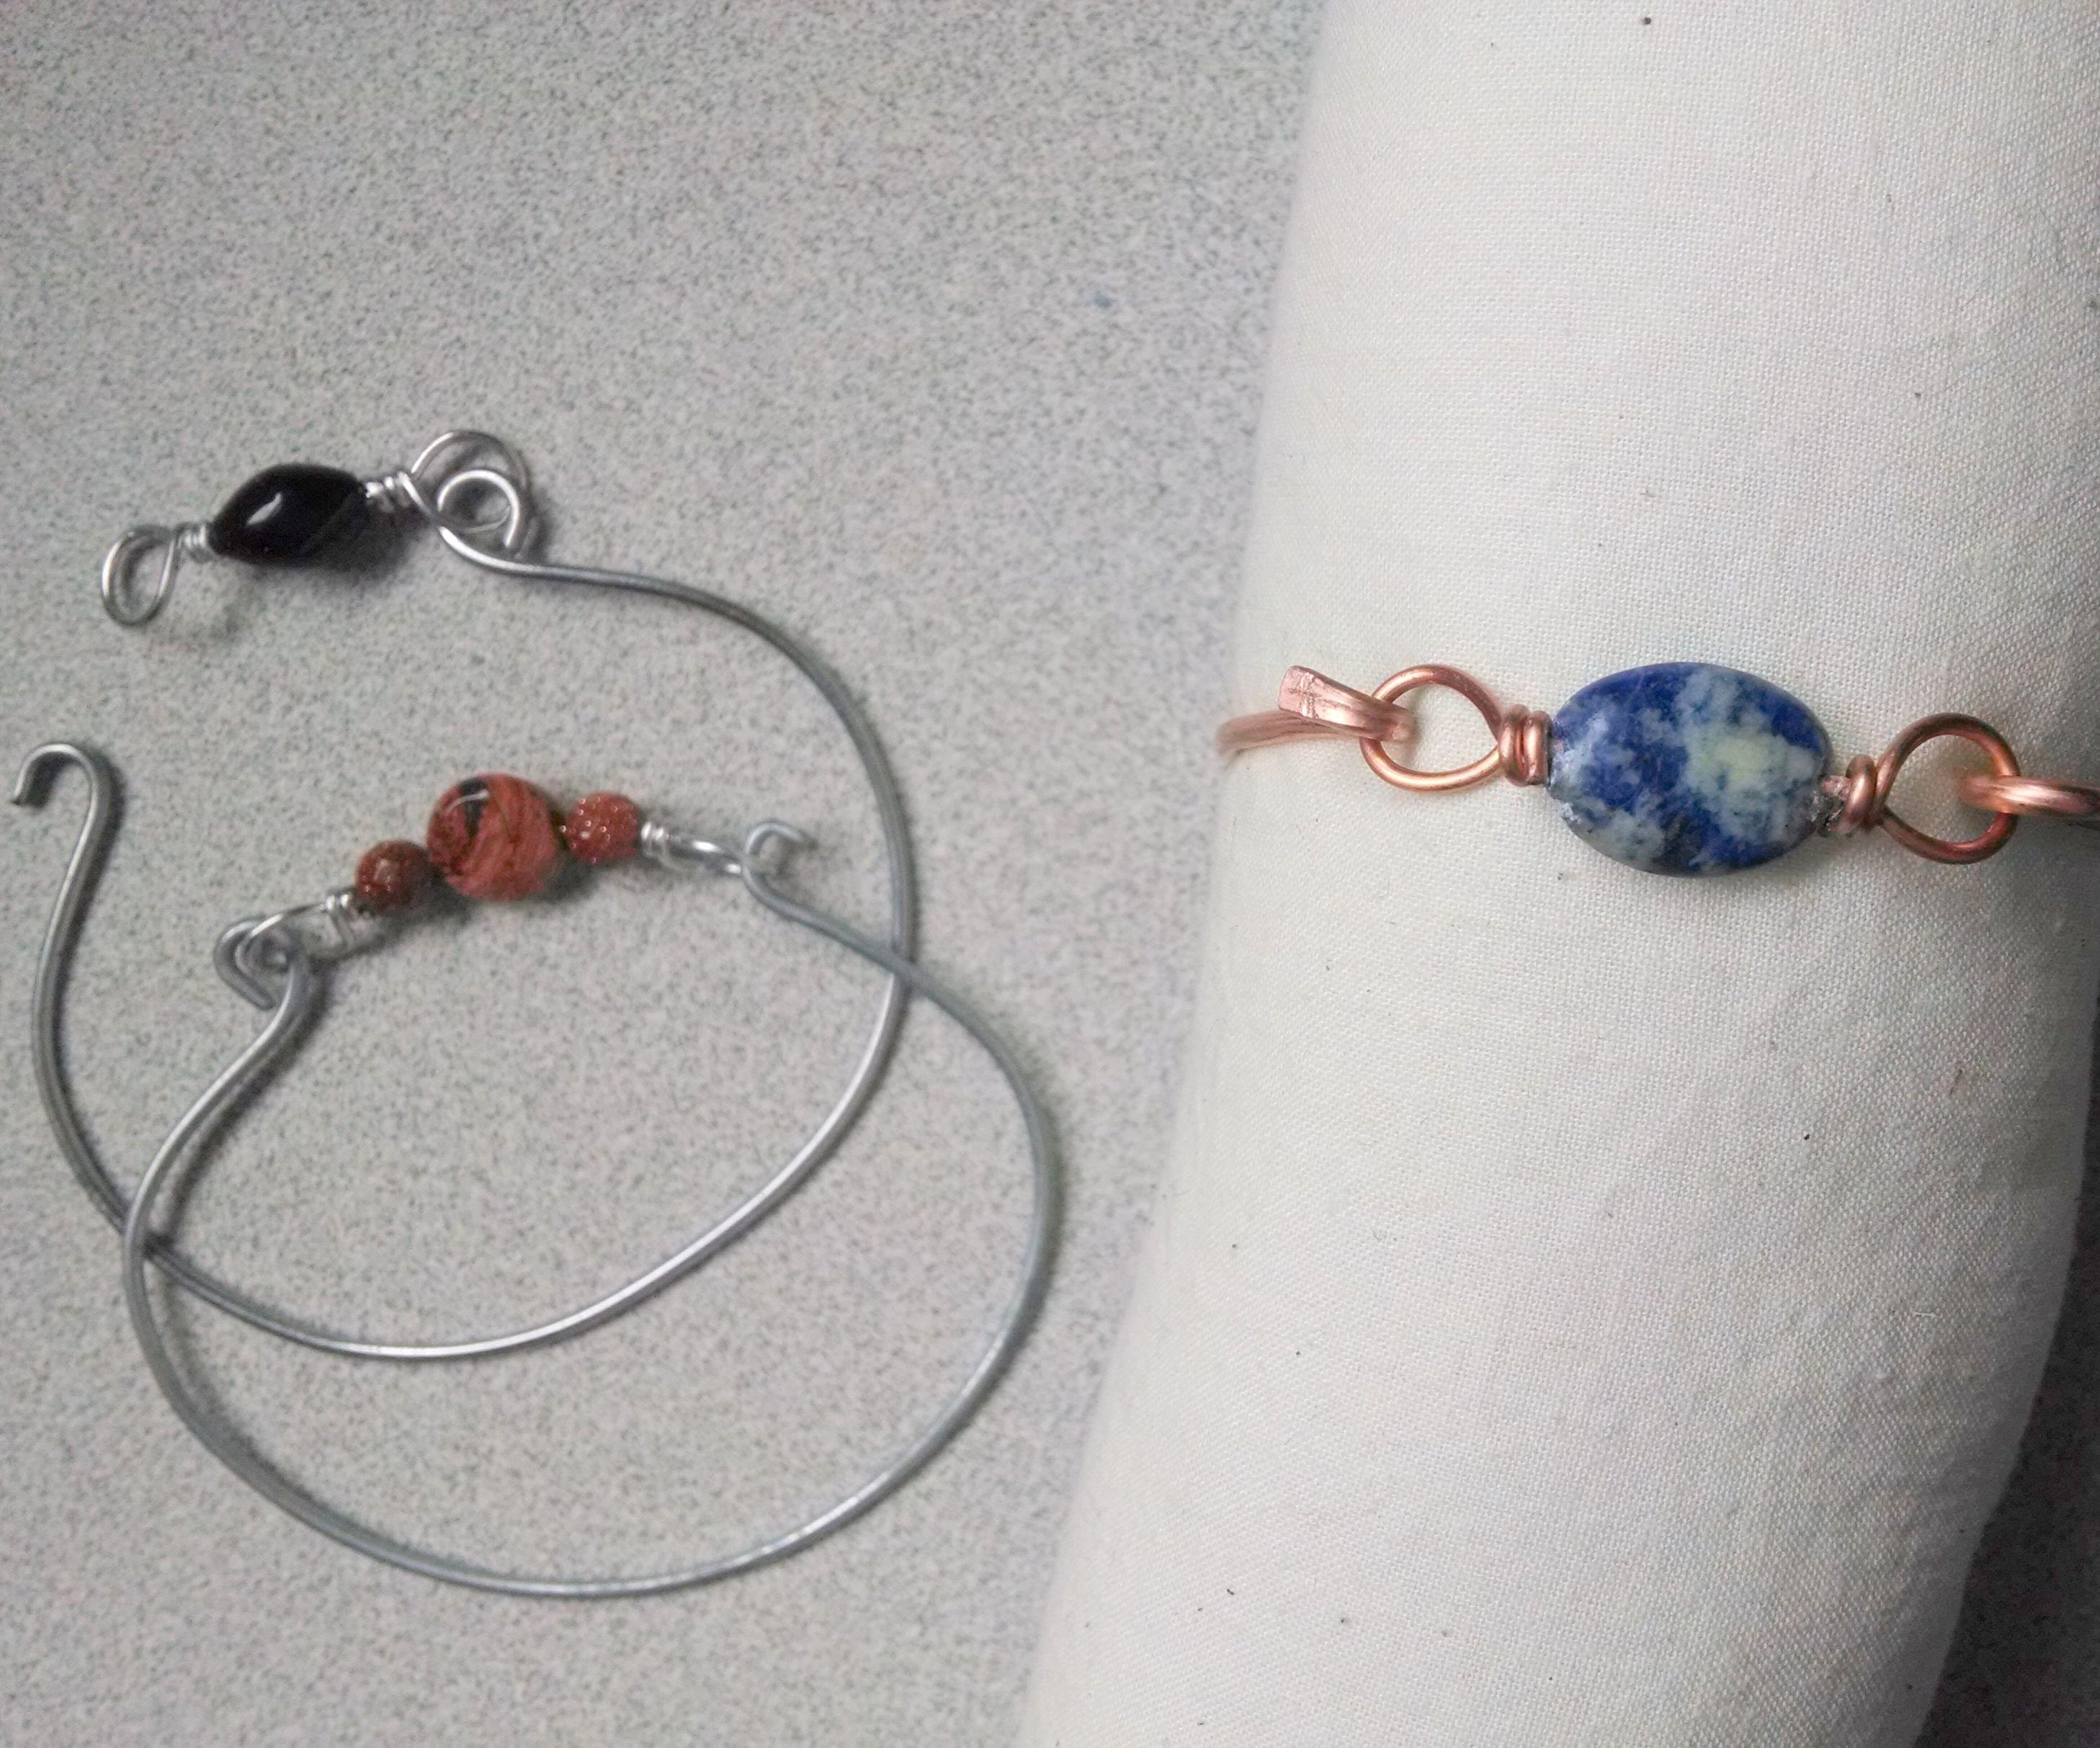 Making a metal bangle bracelet